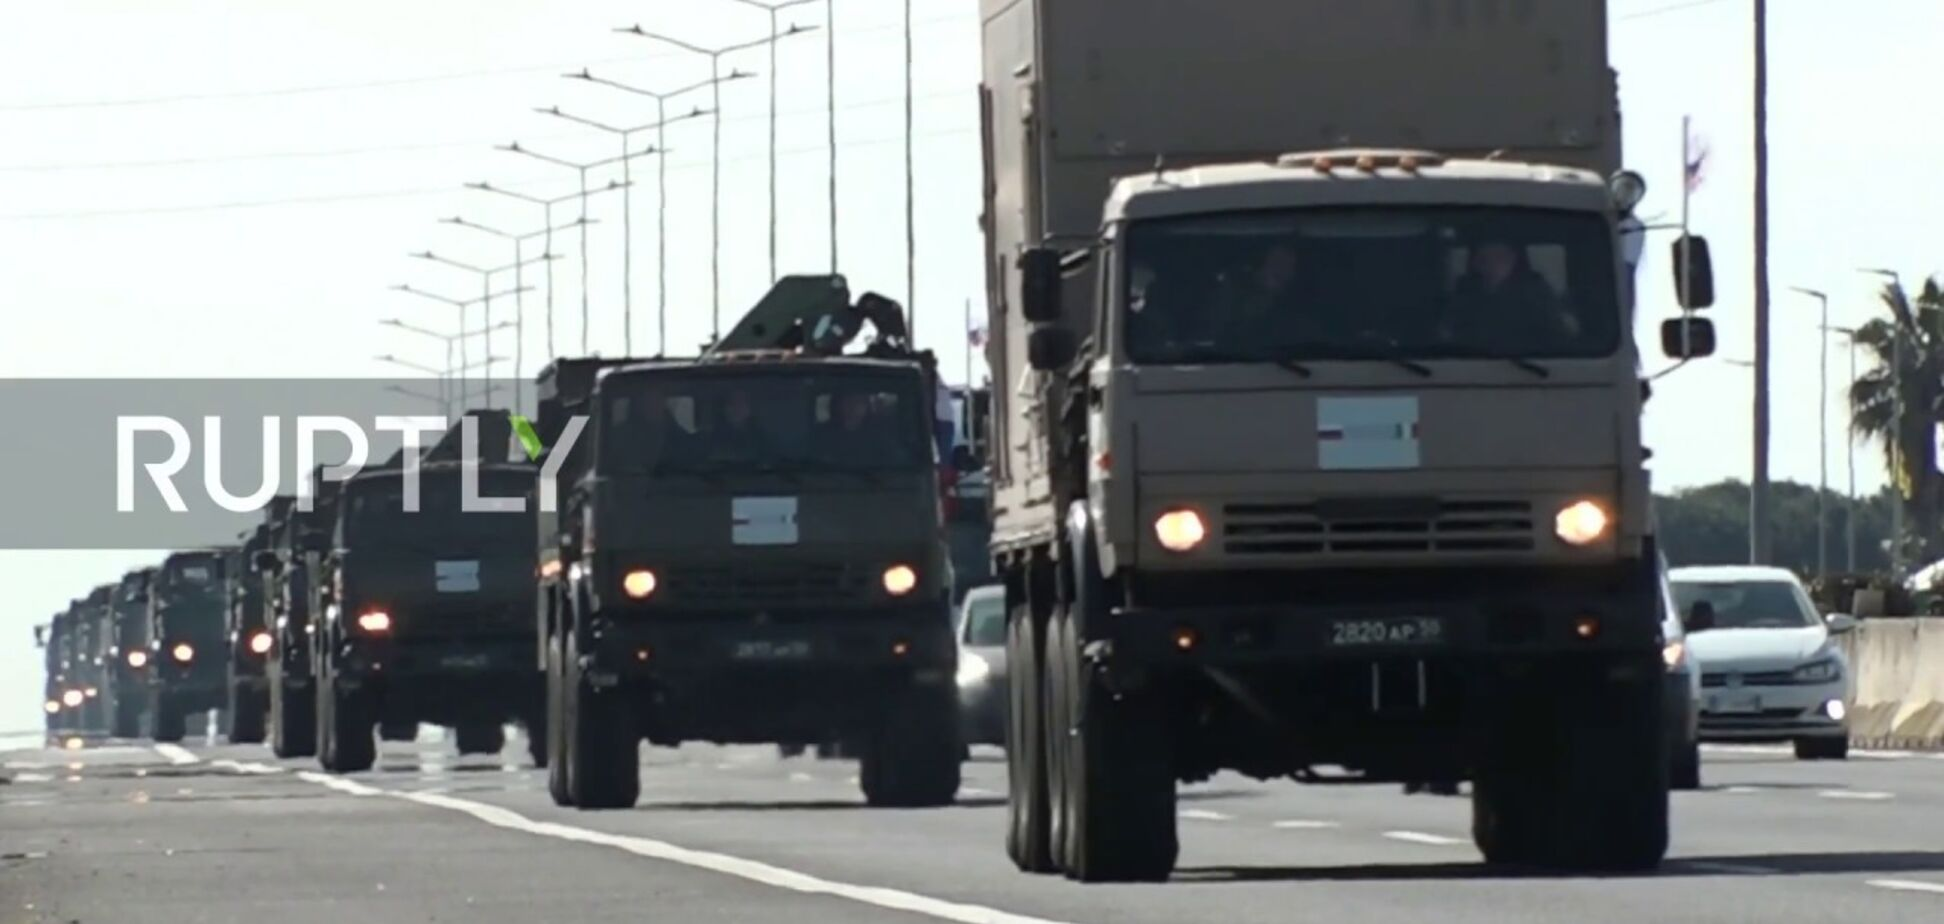 Военные КаМАЗы наводнили Италию: россияне возмутились